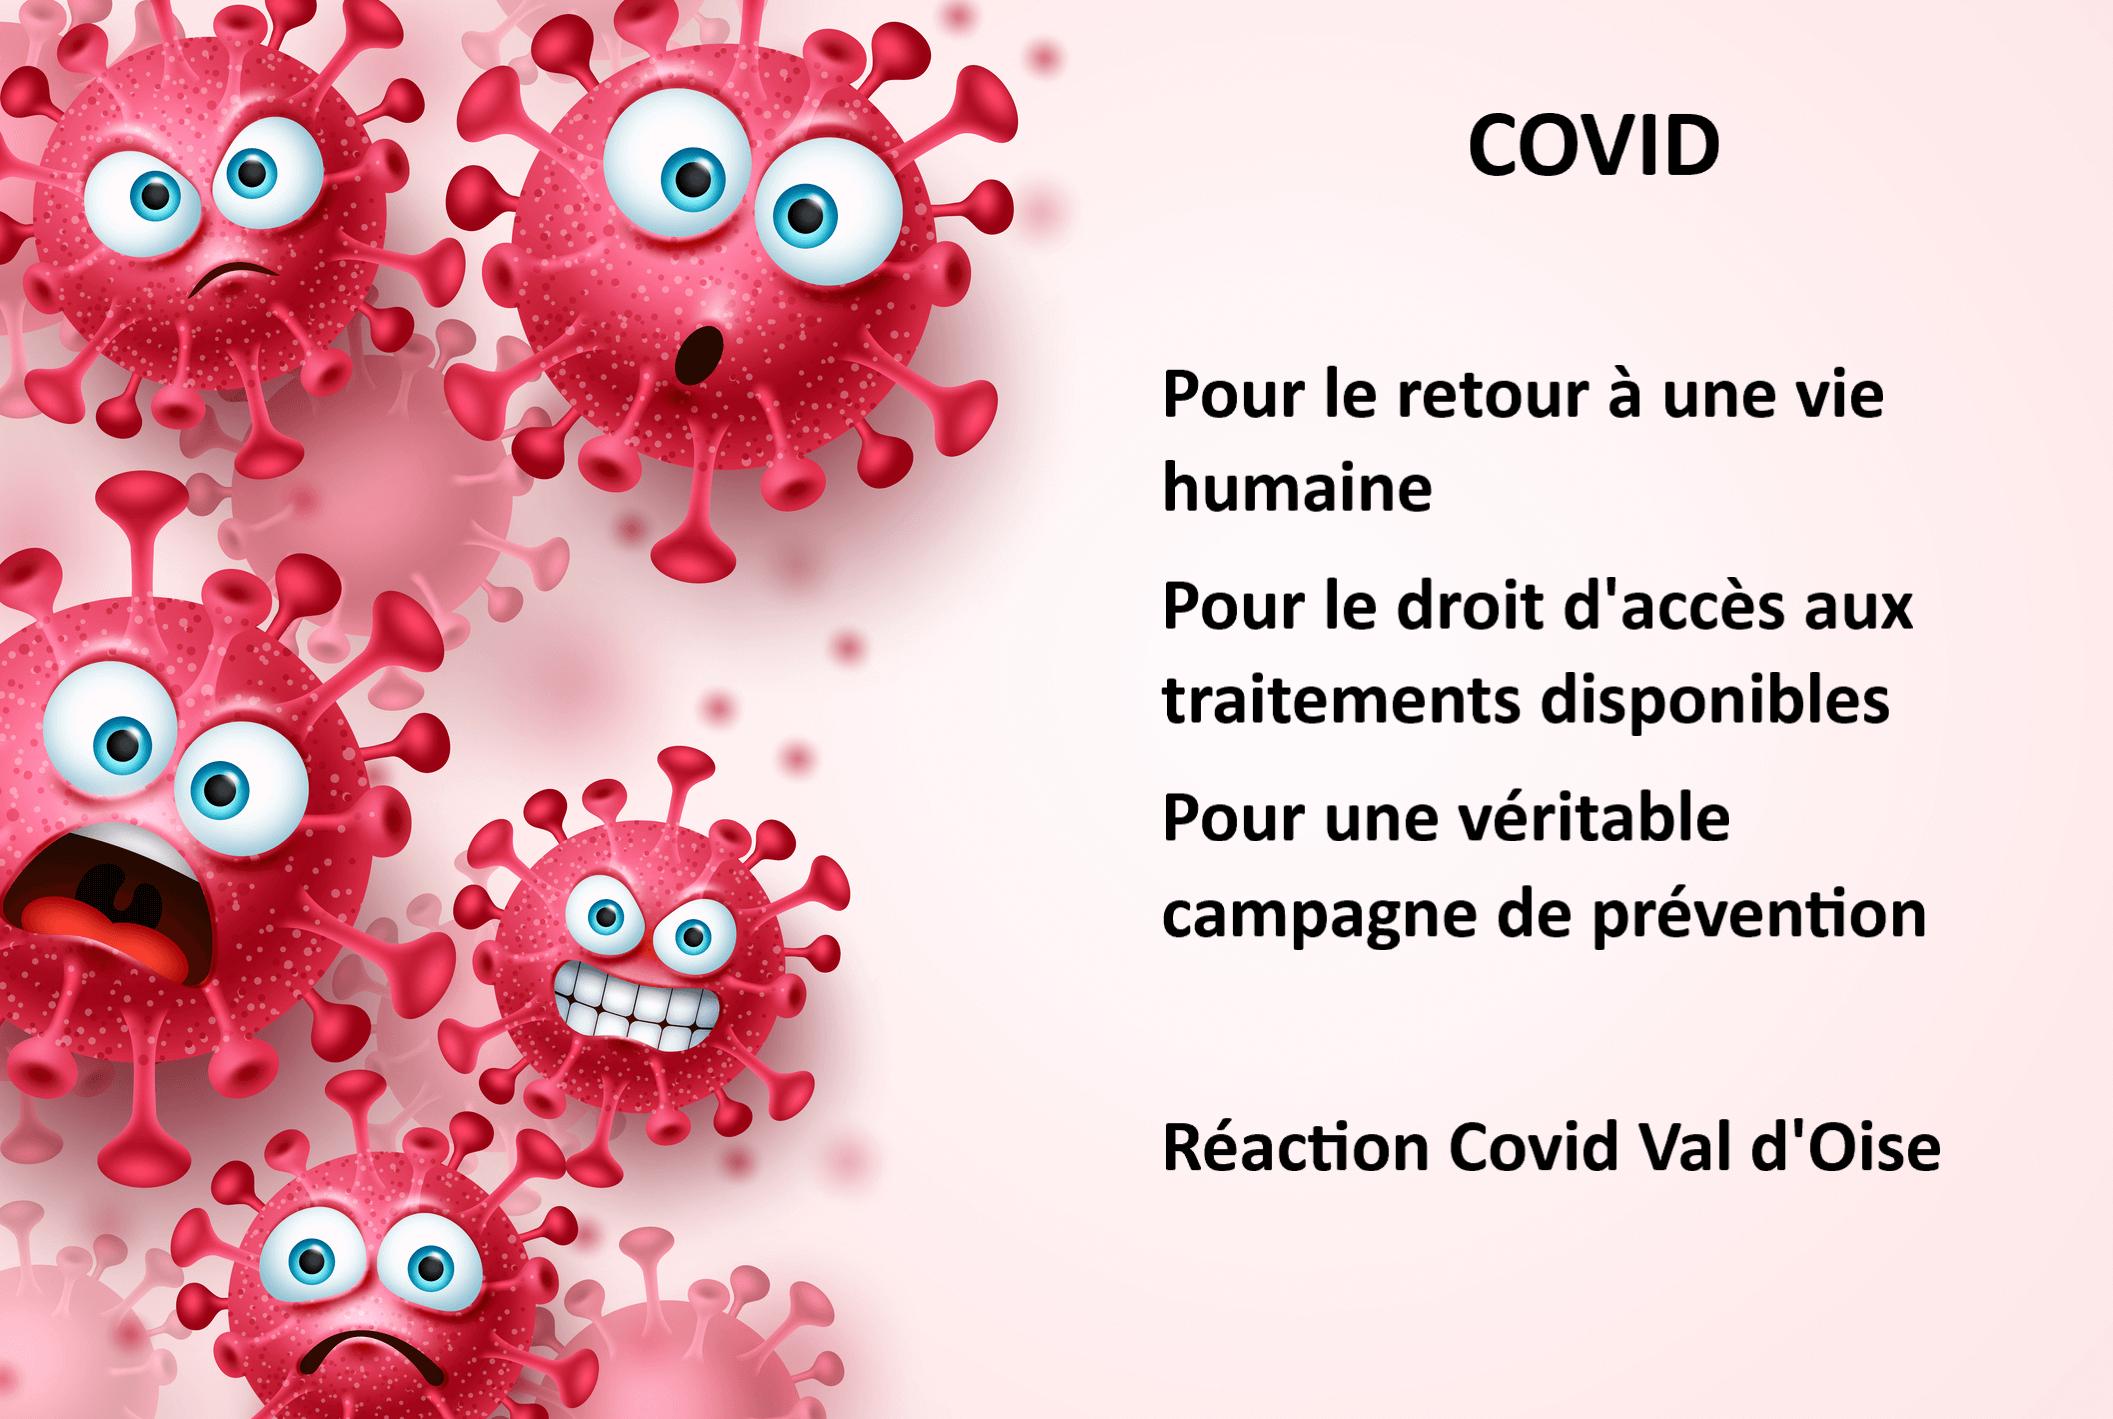 COVID: pour un retour à la vie